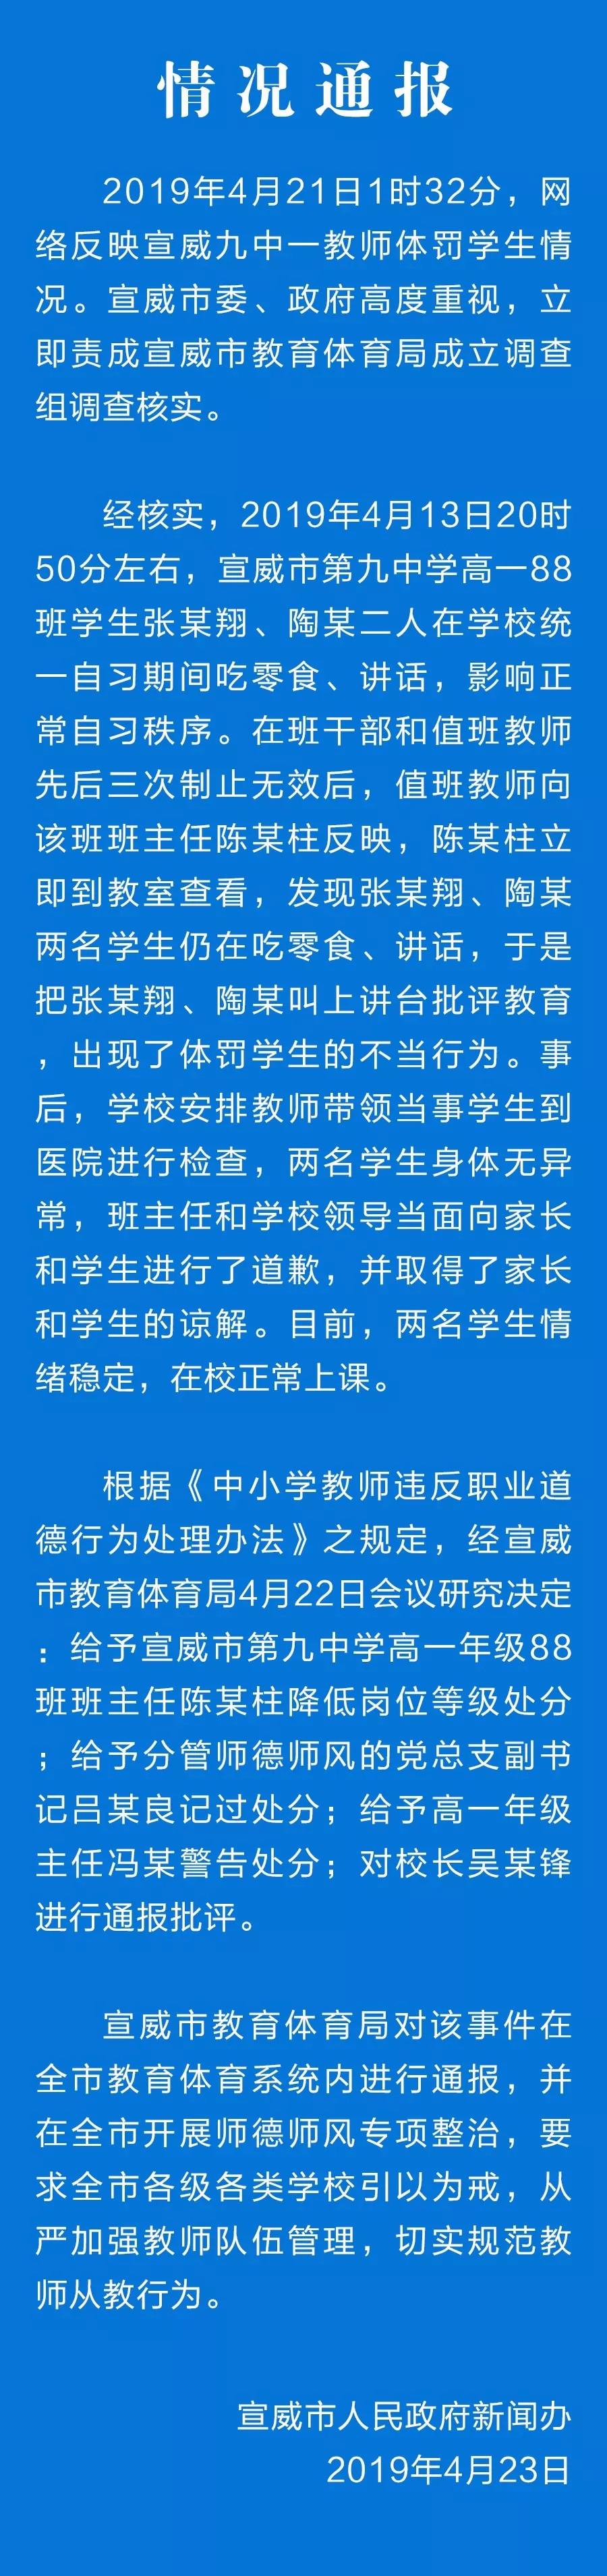 校长被通报批评3名教师被处分 宣威老师打学生追踪